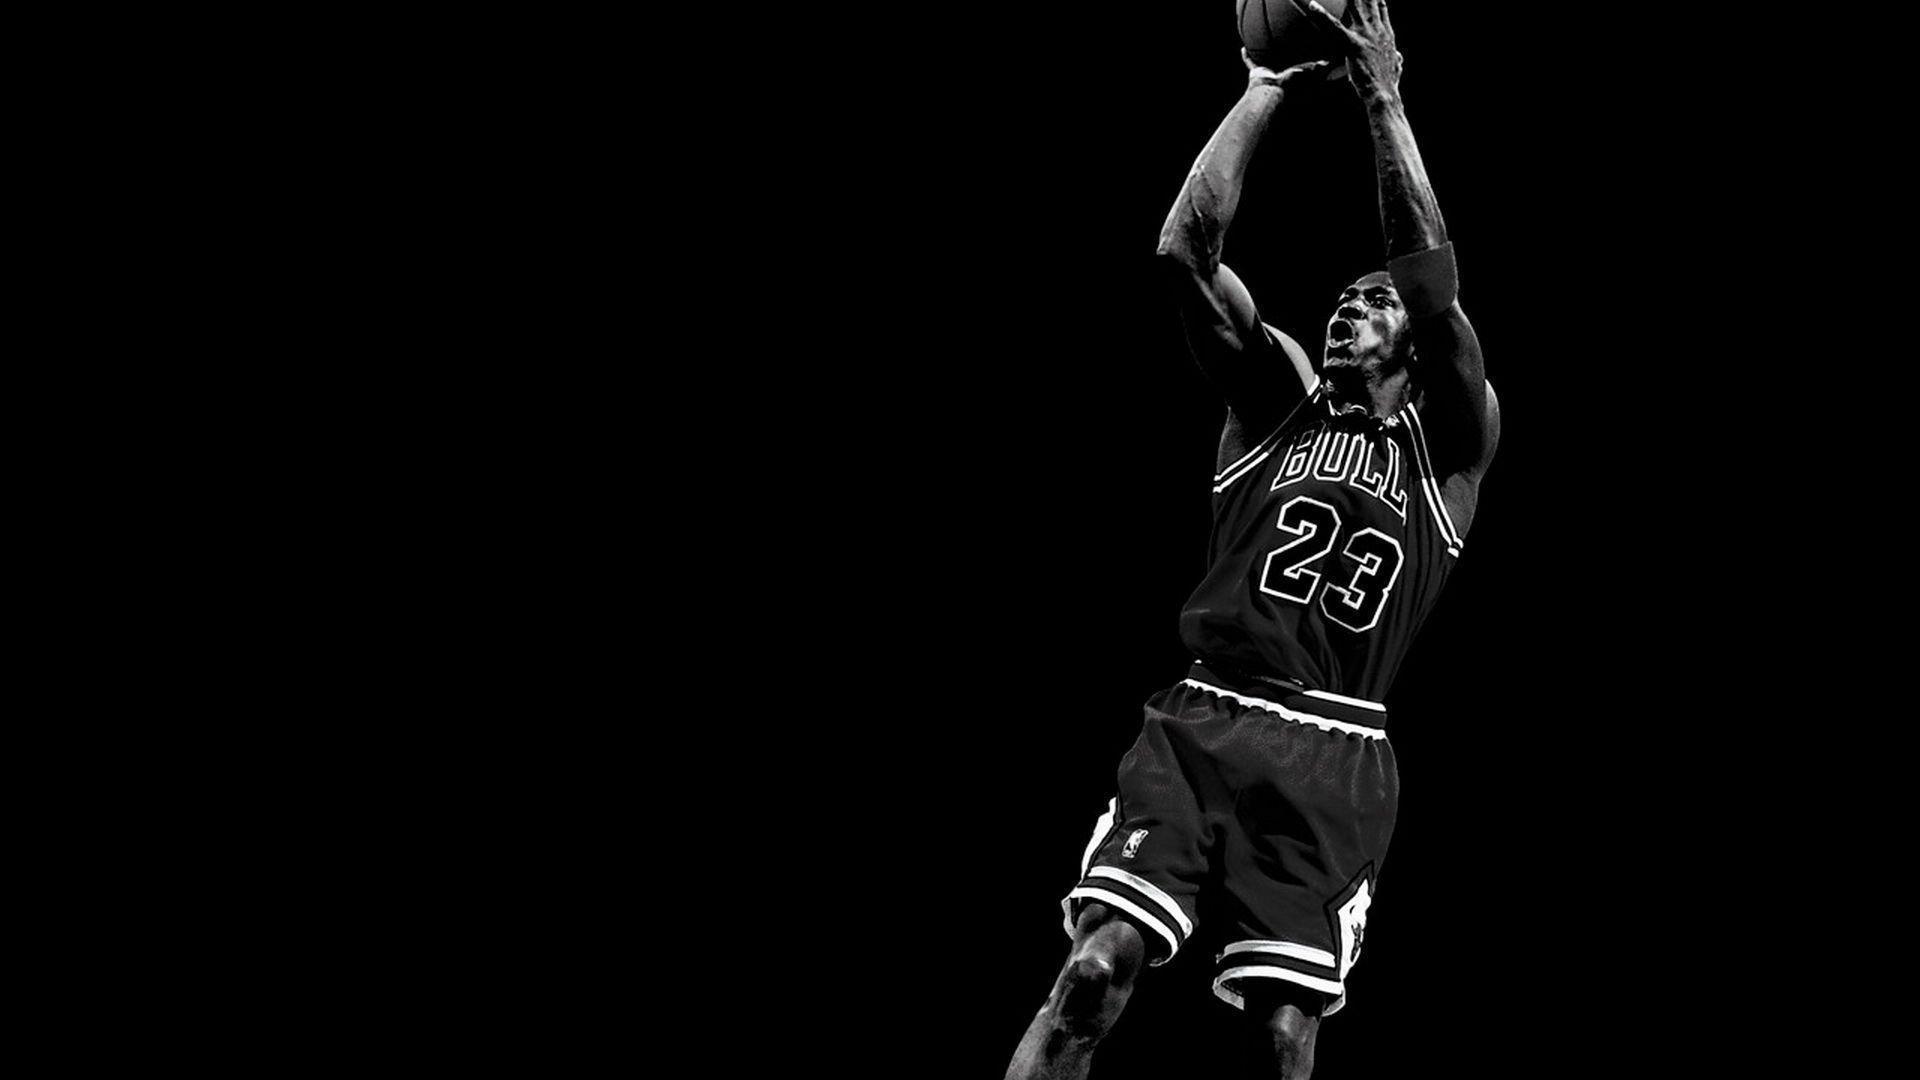 Fonds Decran Michael Jordan Tous Les Wallpapers